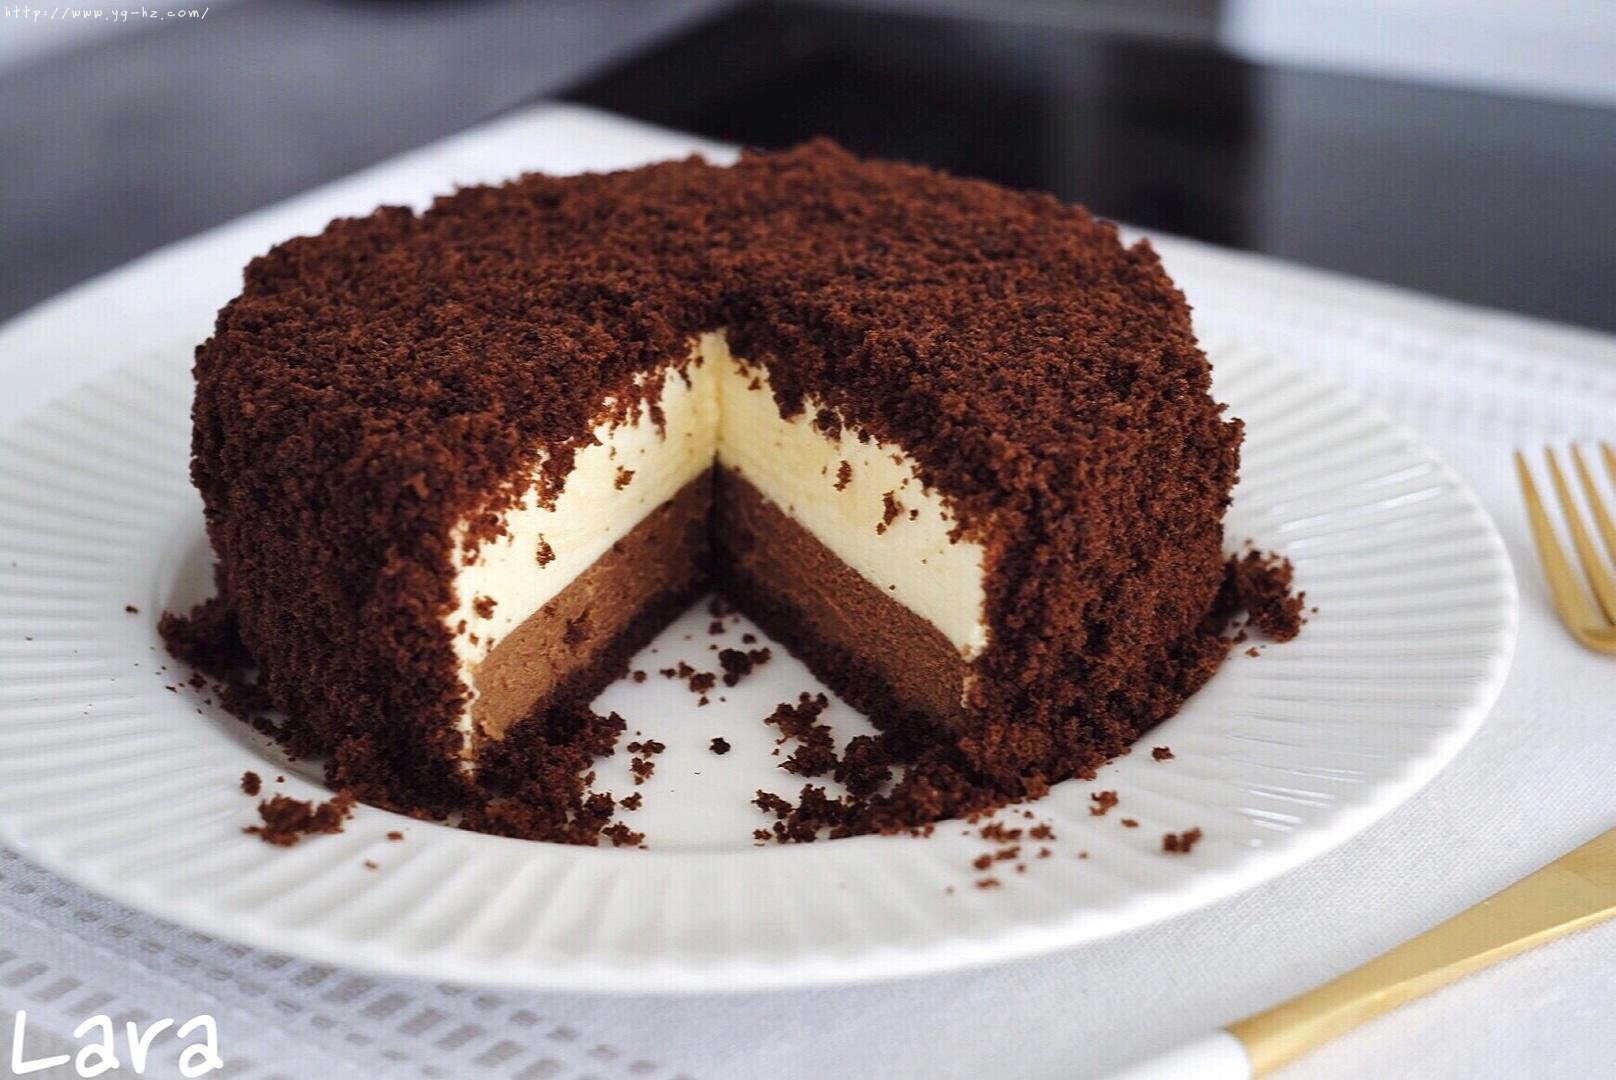 <LeTao> 巧克力双层芝士蛋糕配方大公开!!的做法